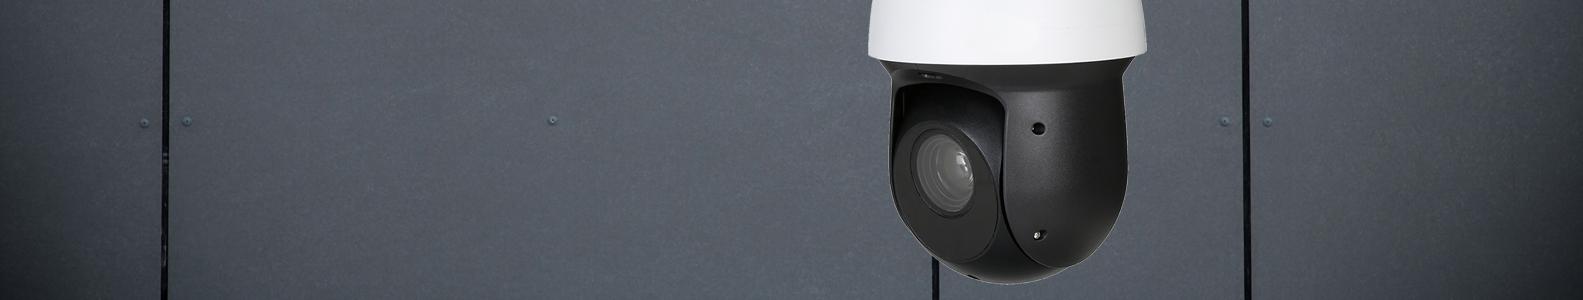 PTZ kameros | IP valdomos vaizdo kameros